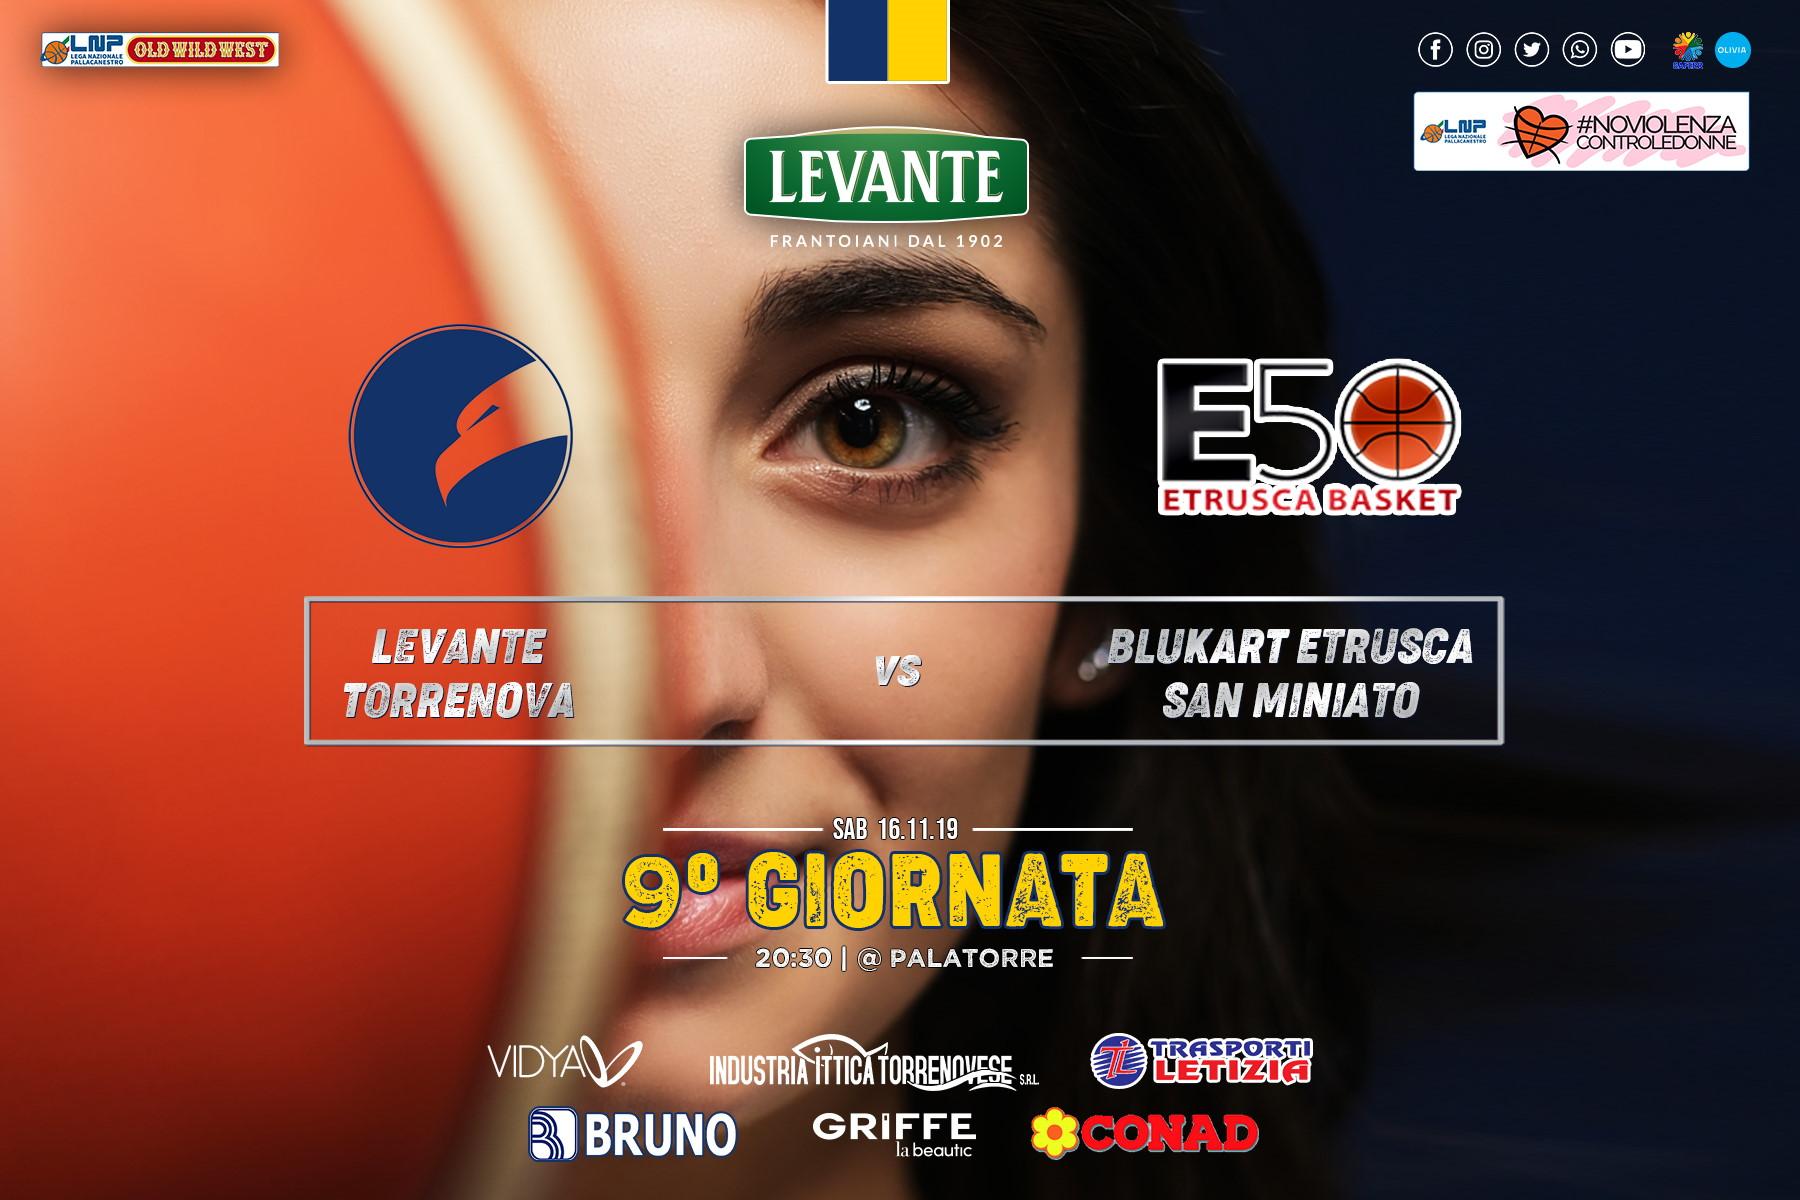 Basket, Torrenova-San Miniato gratuita per tutte le donne - Nebrodi News